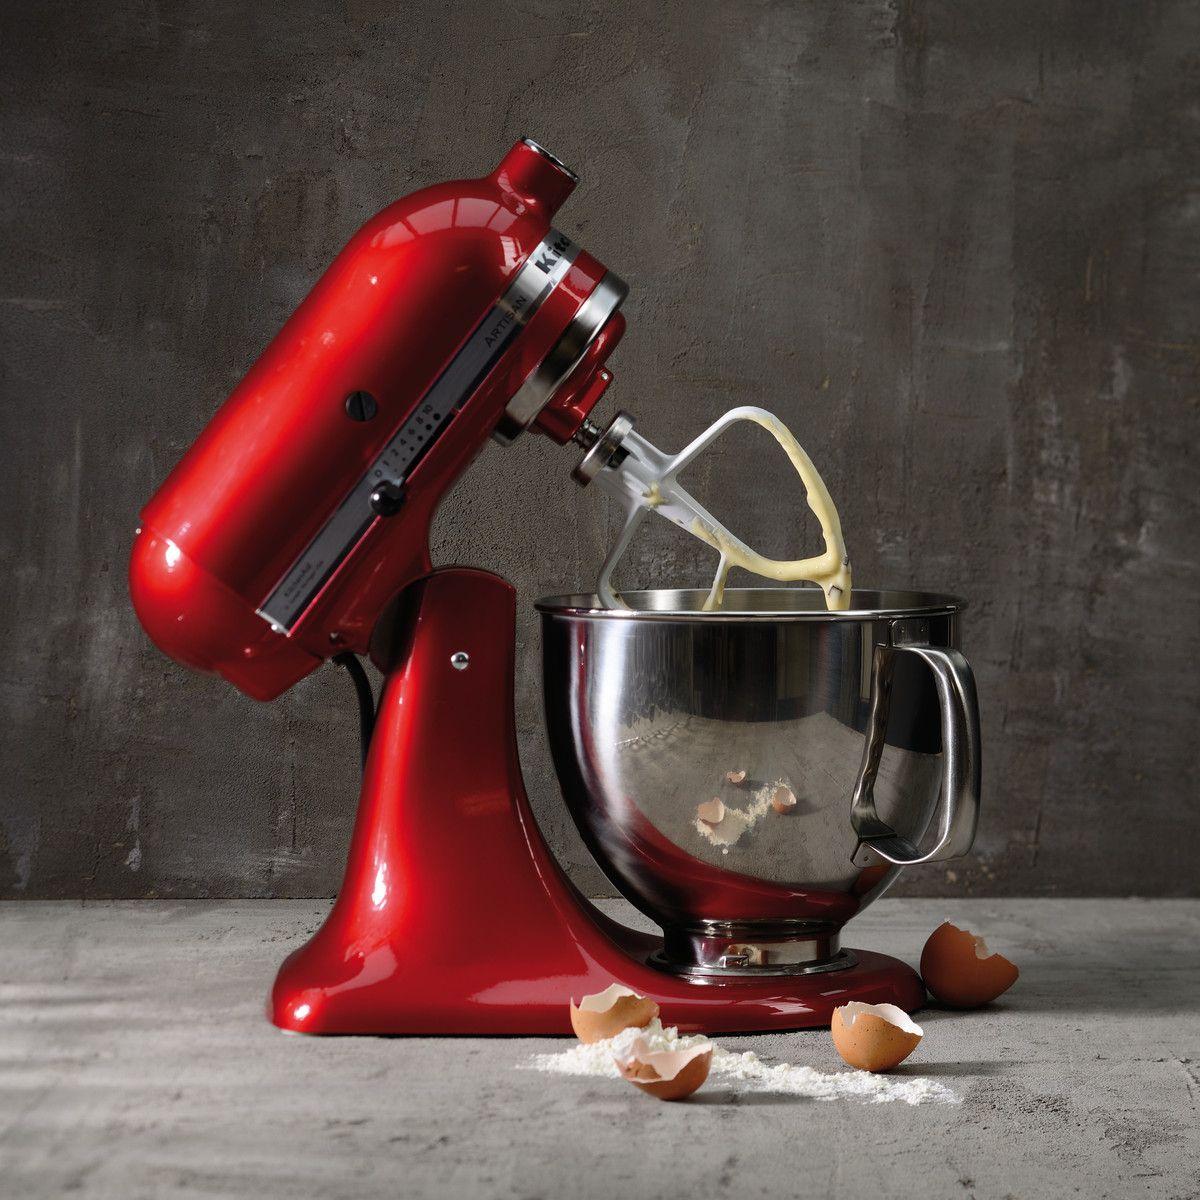 KitchenAid Artisan Küchenmaschine mit Backzutaten   Kitchenaid ...